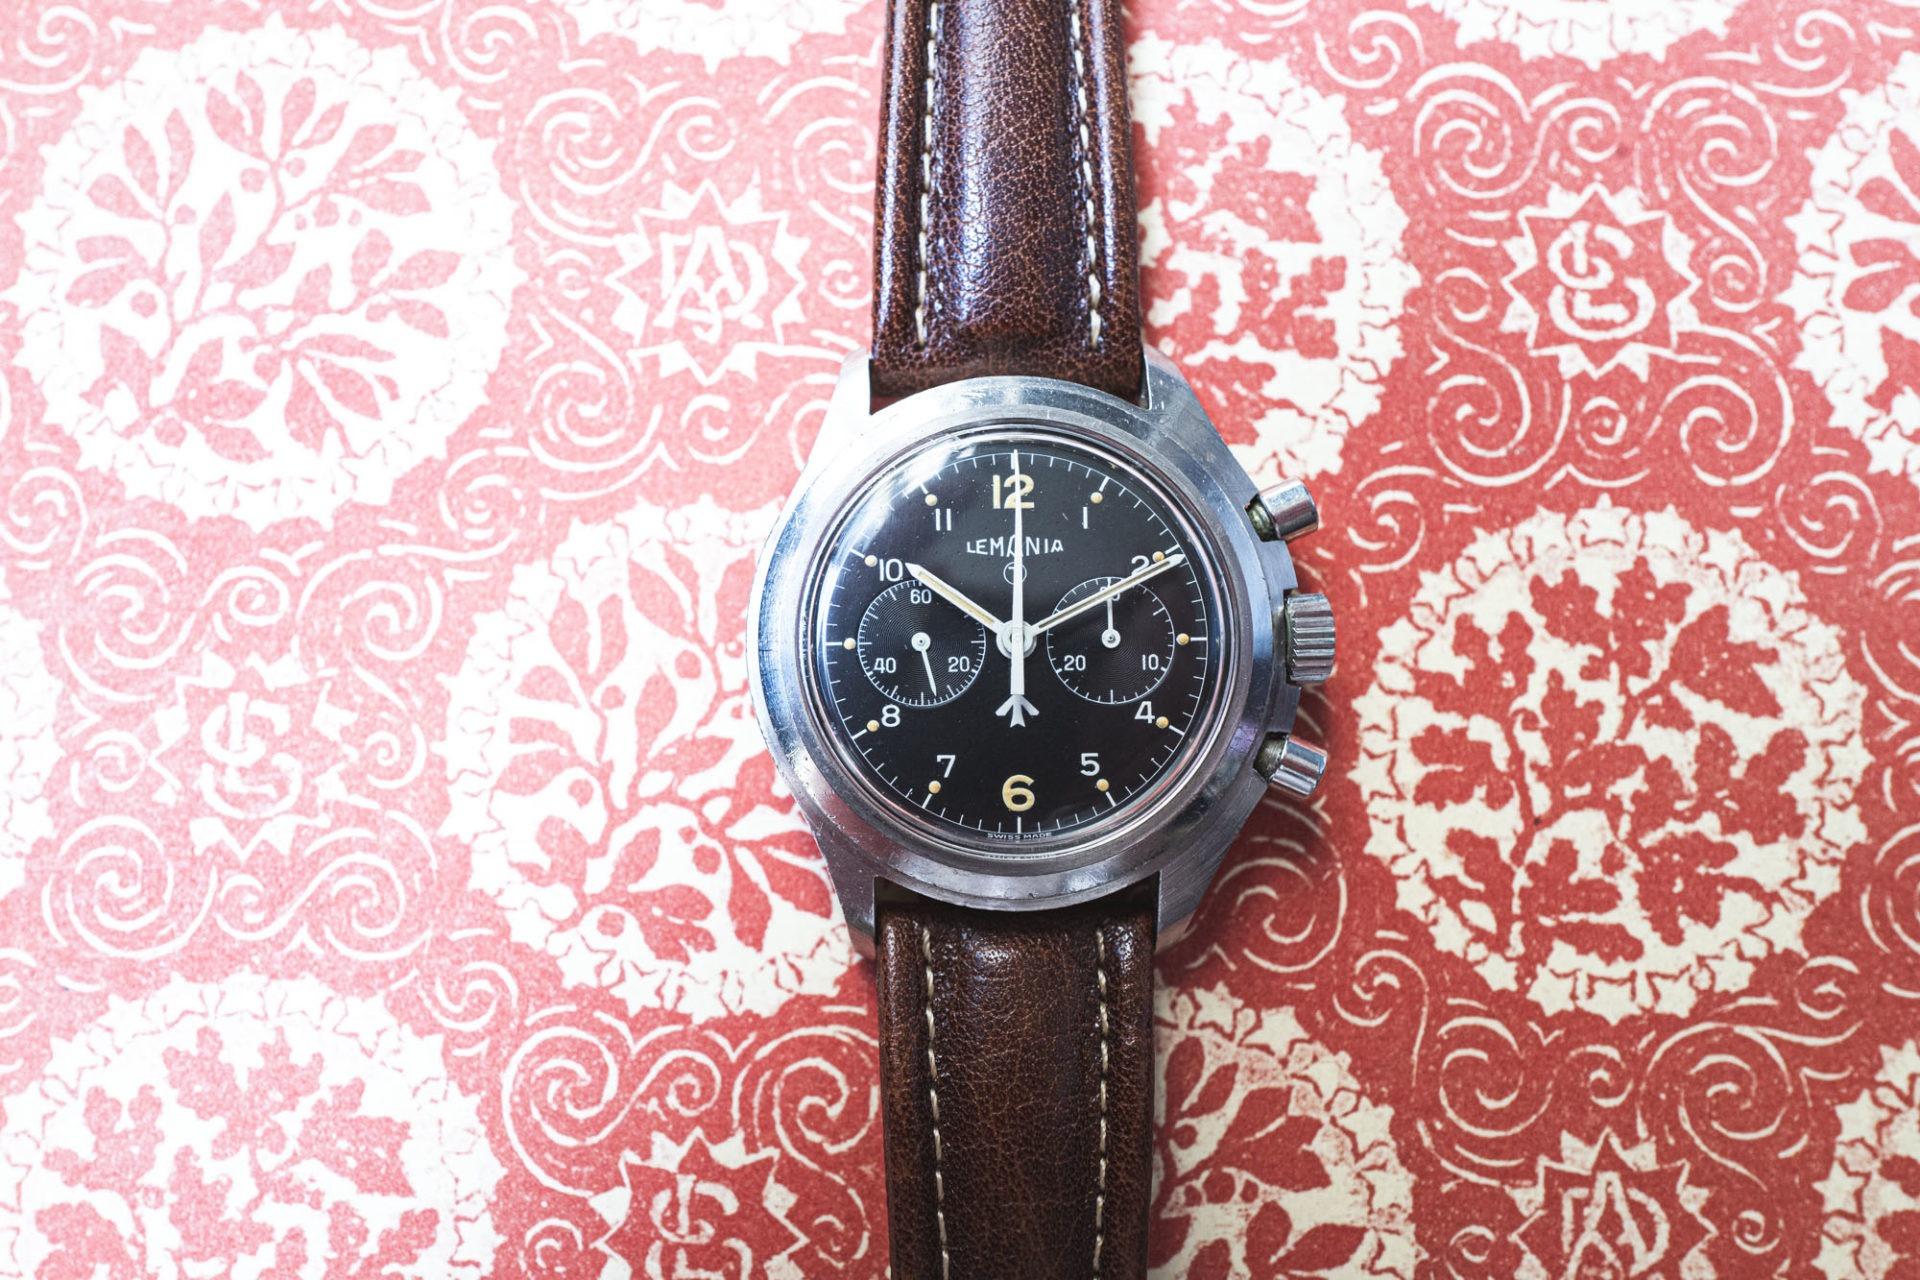 Chronographe Lemania - Vente importante de montres de collection par Tajan le 2 juillet